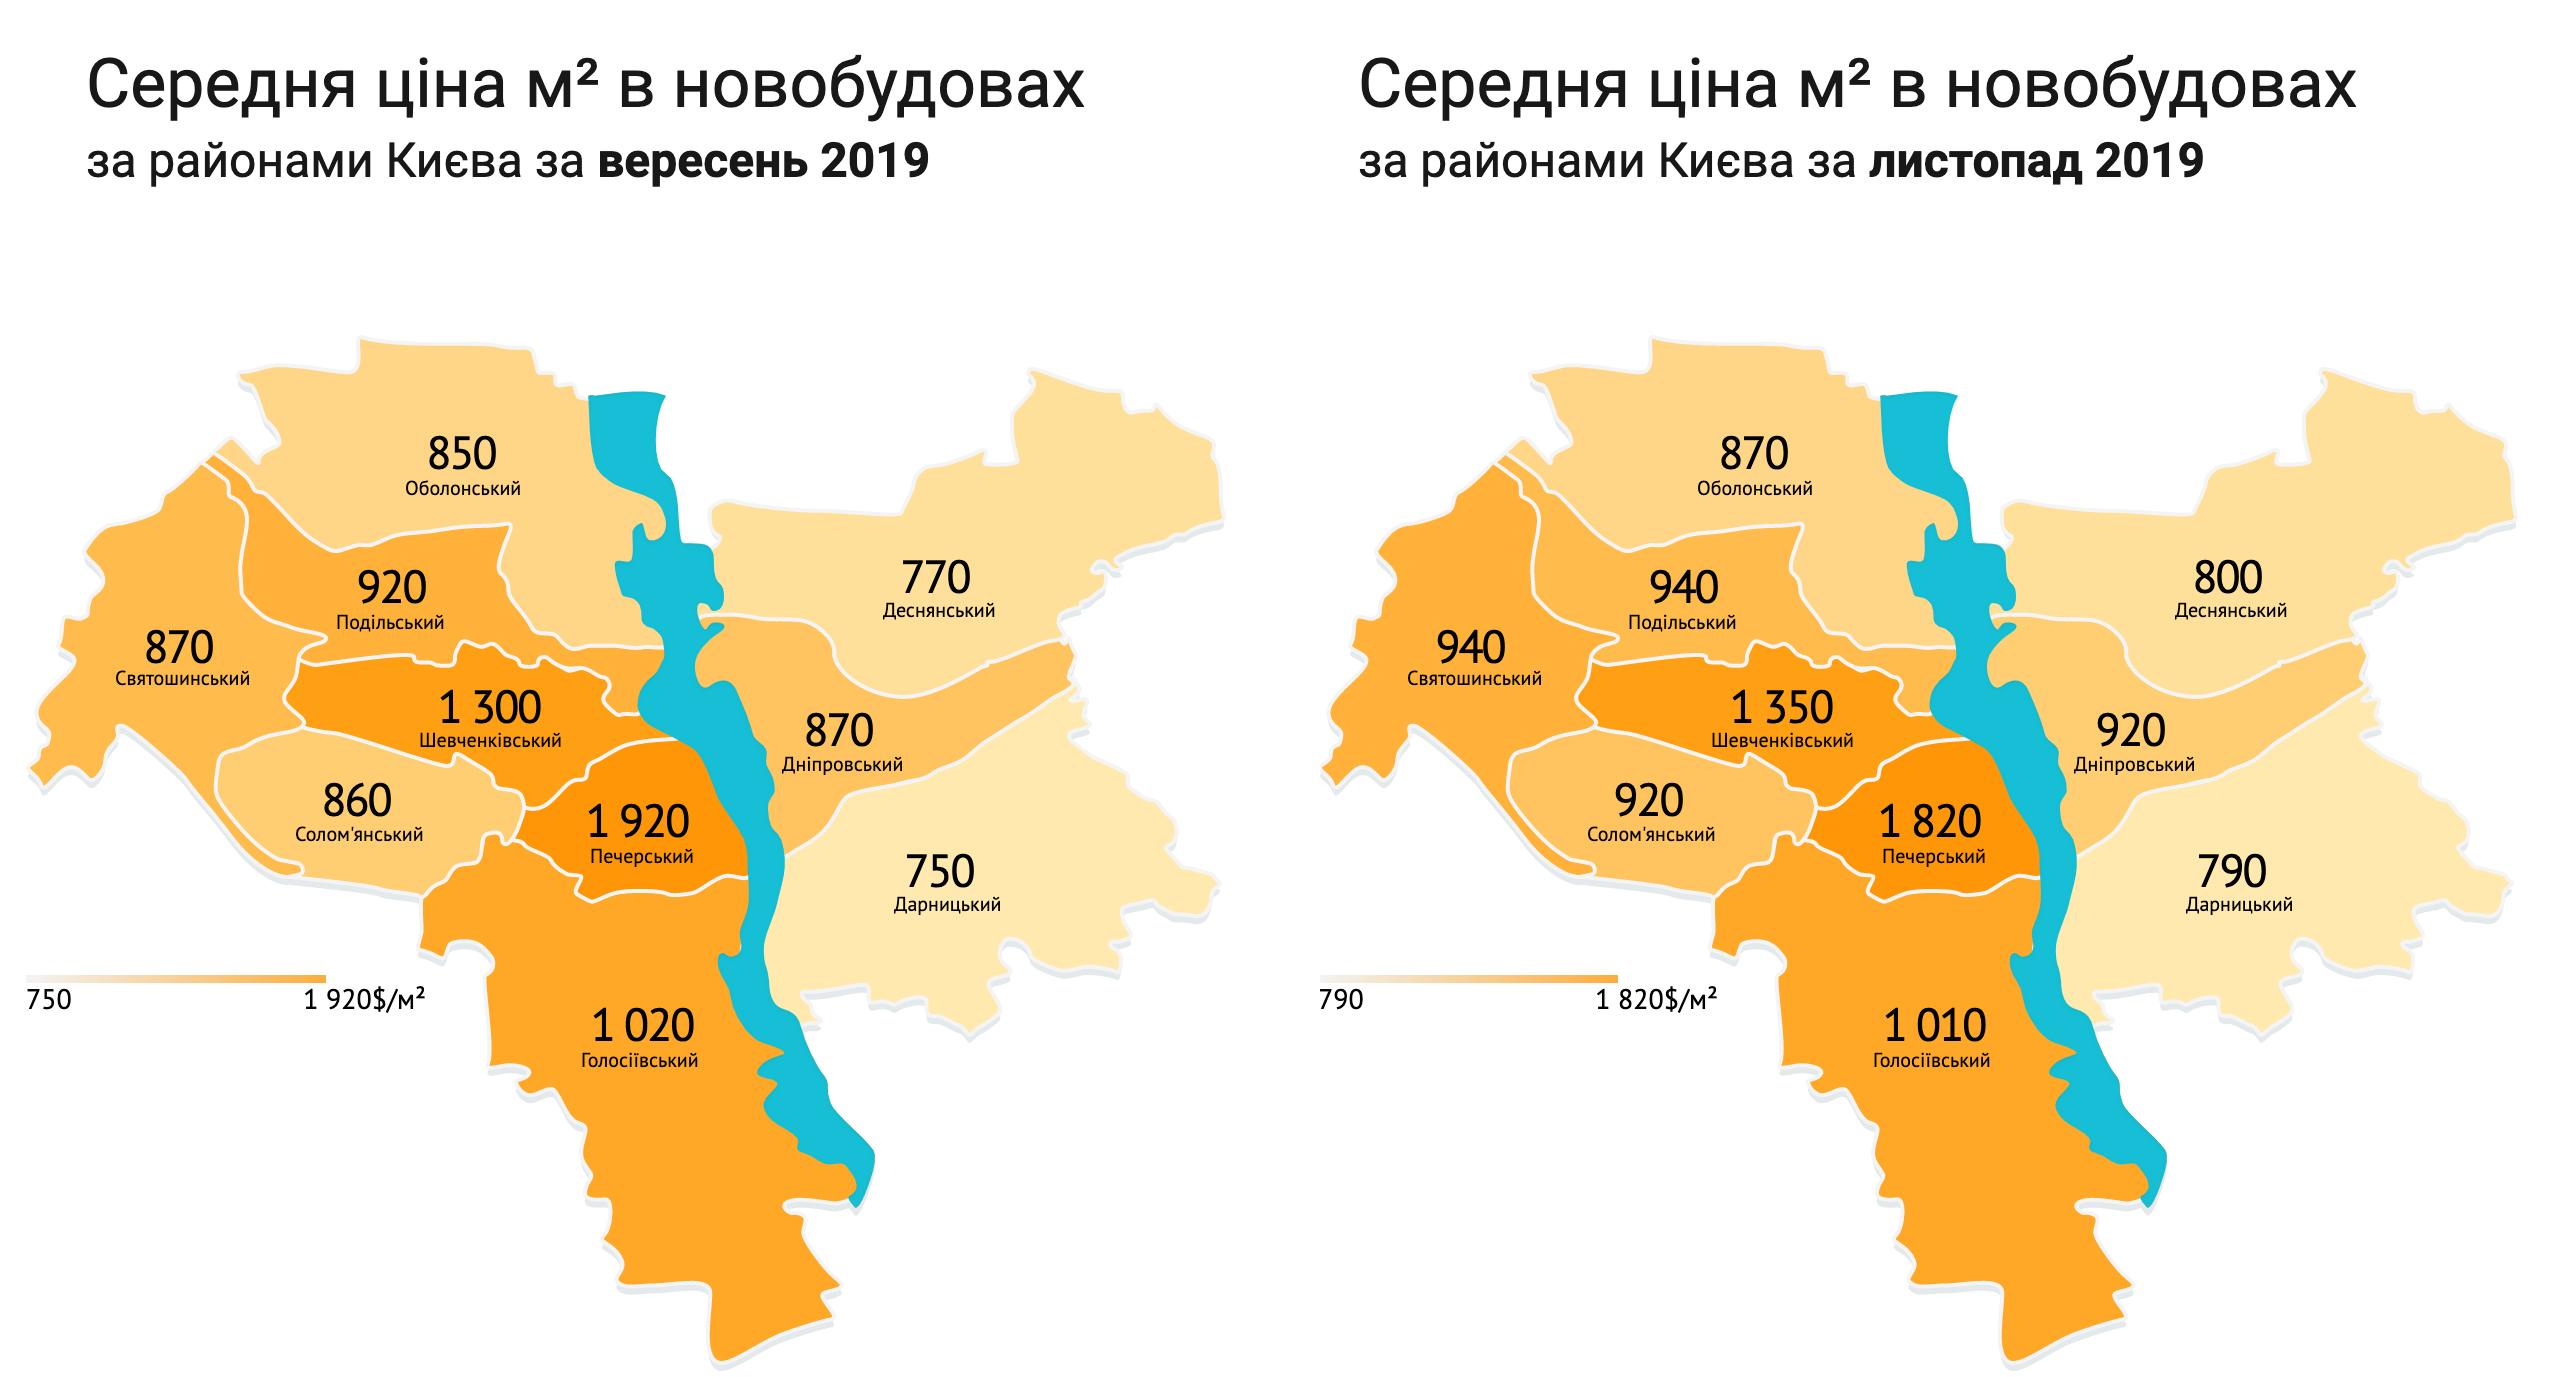 Анализ рынка недвижимости осени 2019 года динамика цен на квартиры по районам Киева